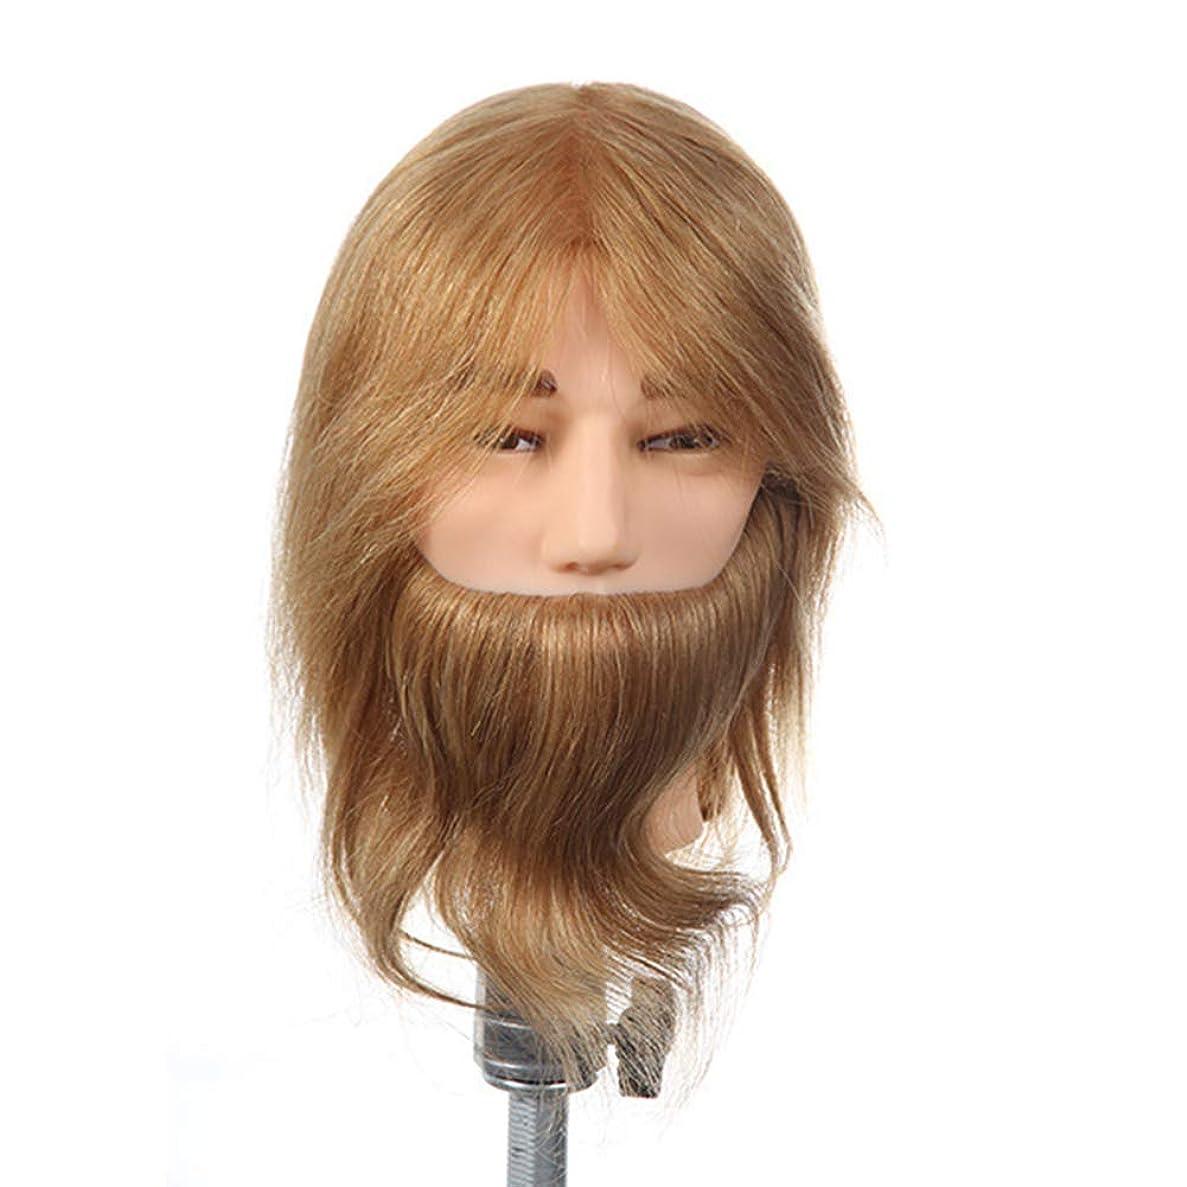 後ろにブレース禁輸本物のヘア男性化粧ダミーヘッドヘアサロン学習パーマ染めトリミング髪あごひげマネキンヘッド付き口ひげ指導ヘッド